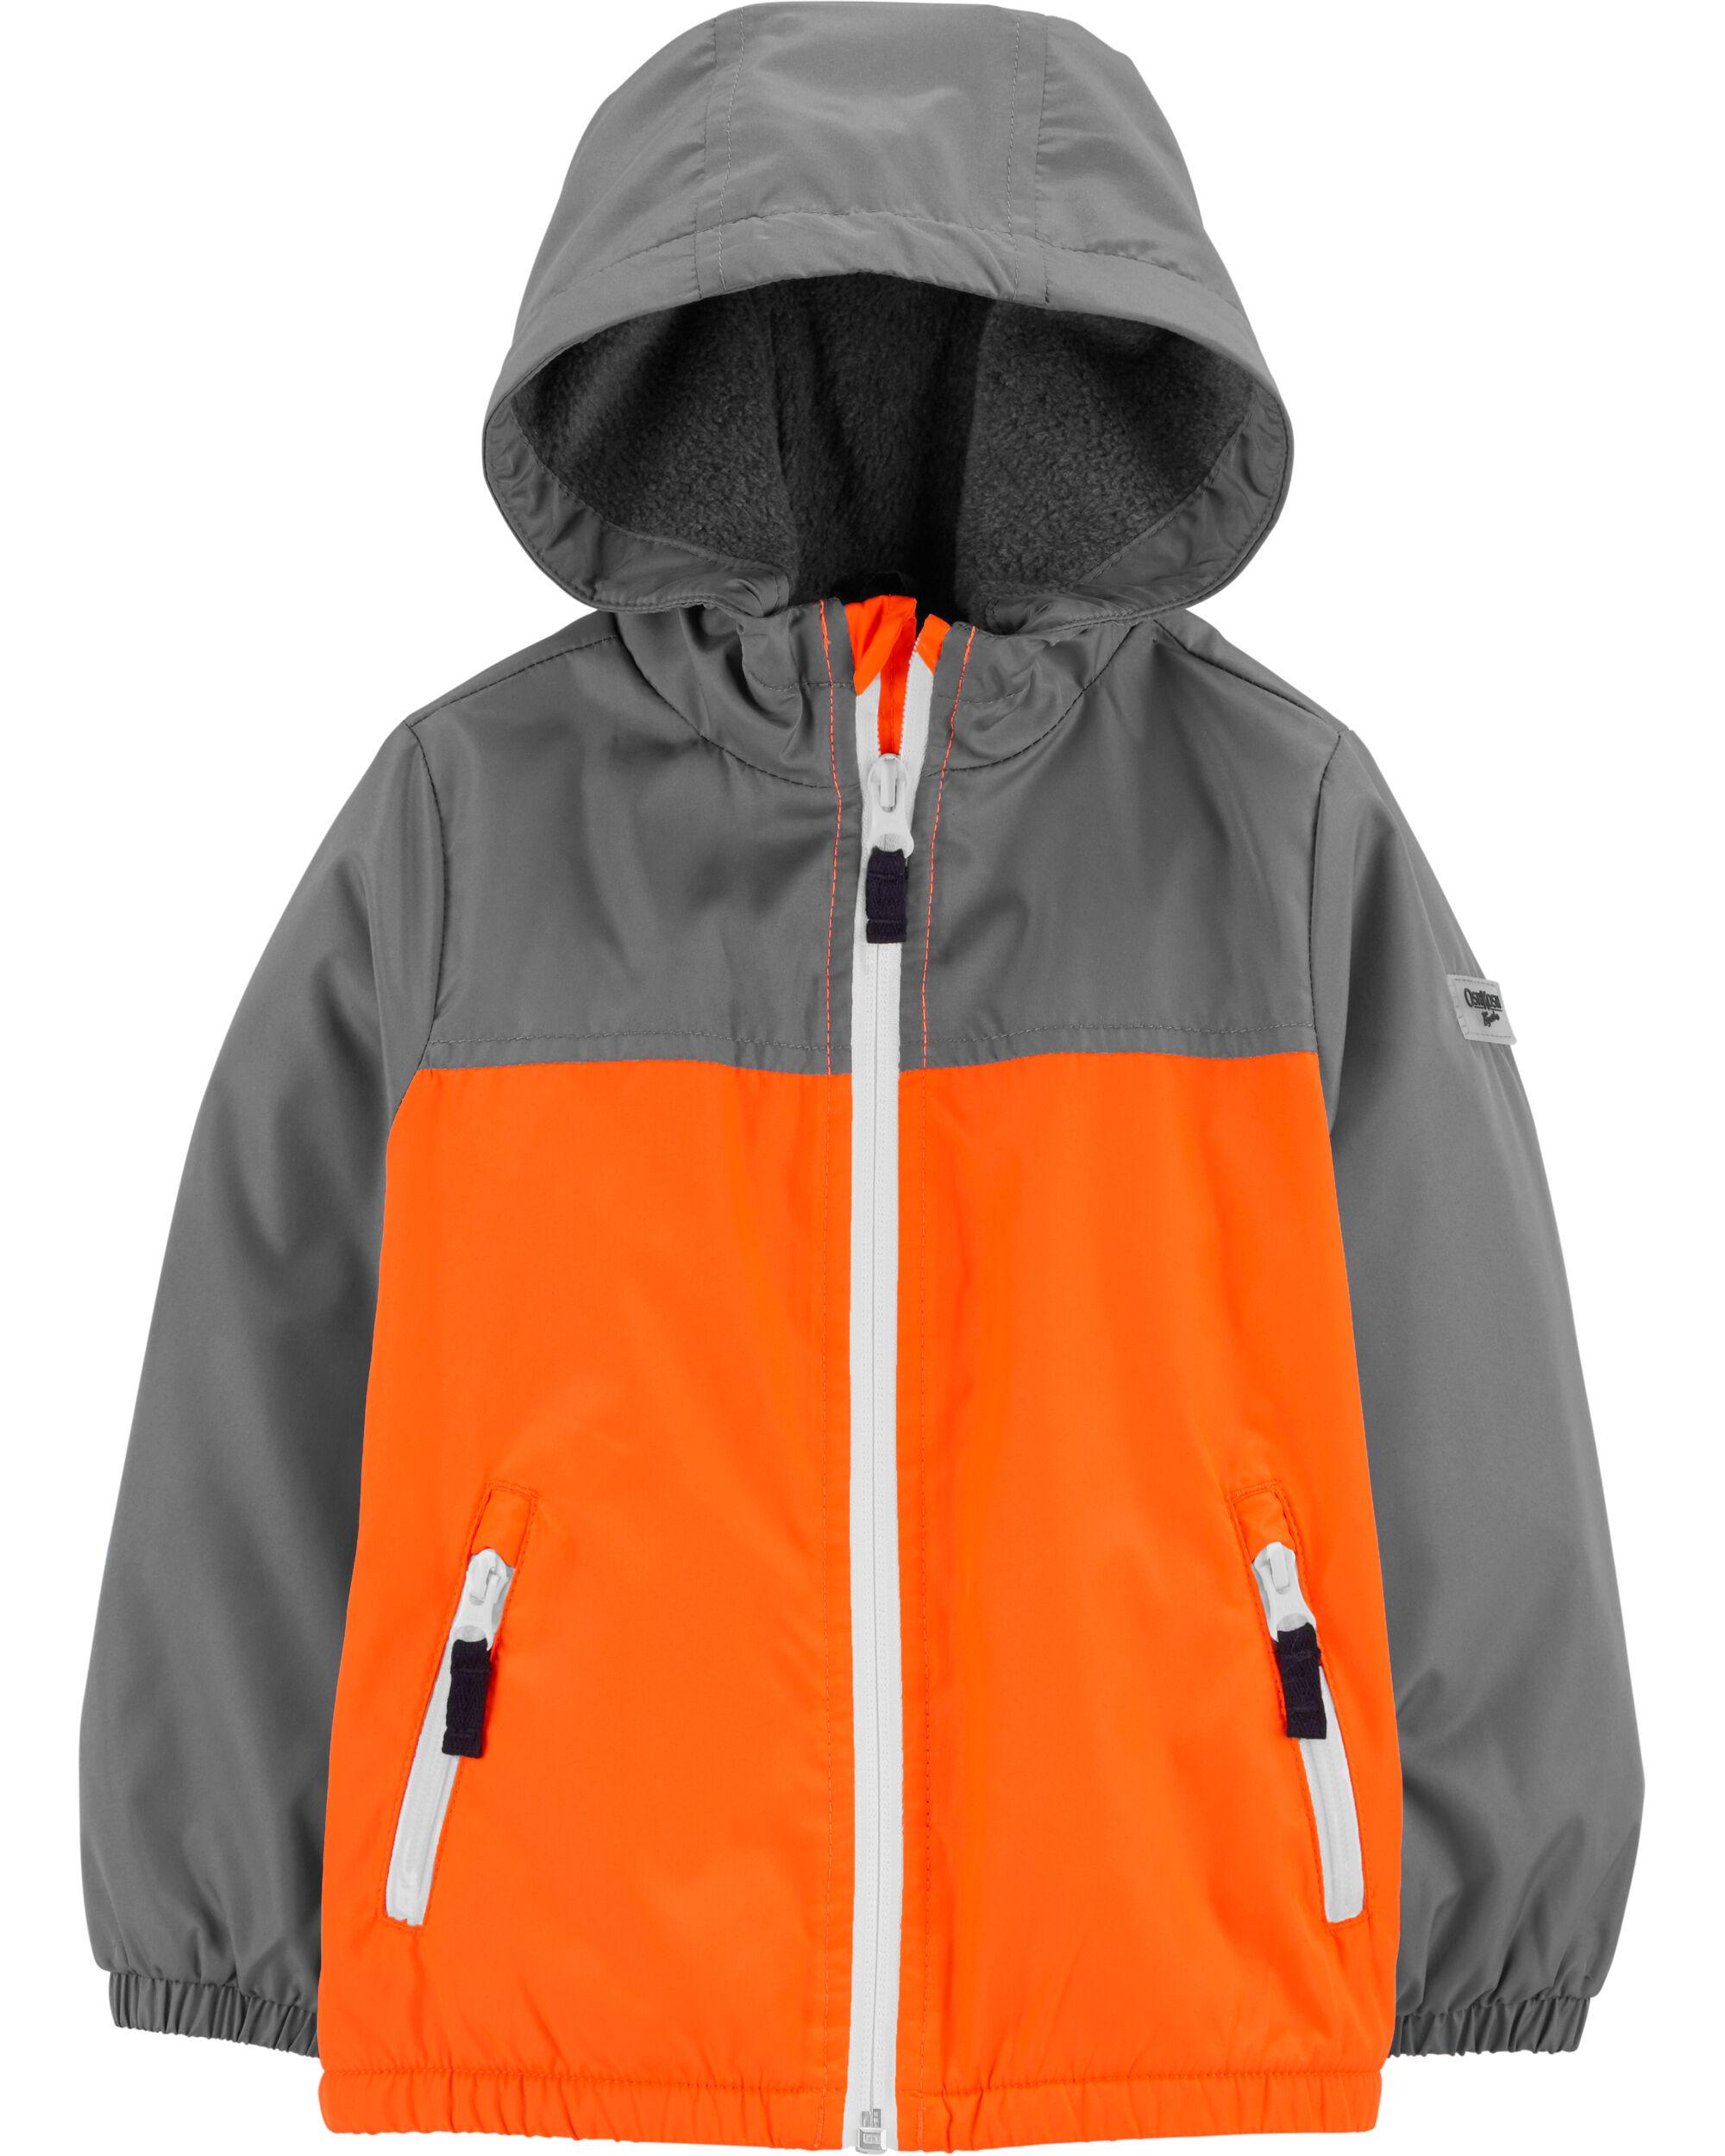 OshKosh BGosh Boys Midweight Reversible Jacket